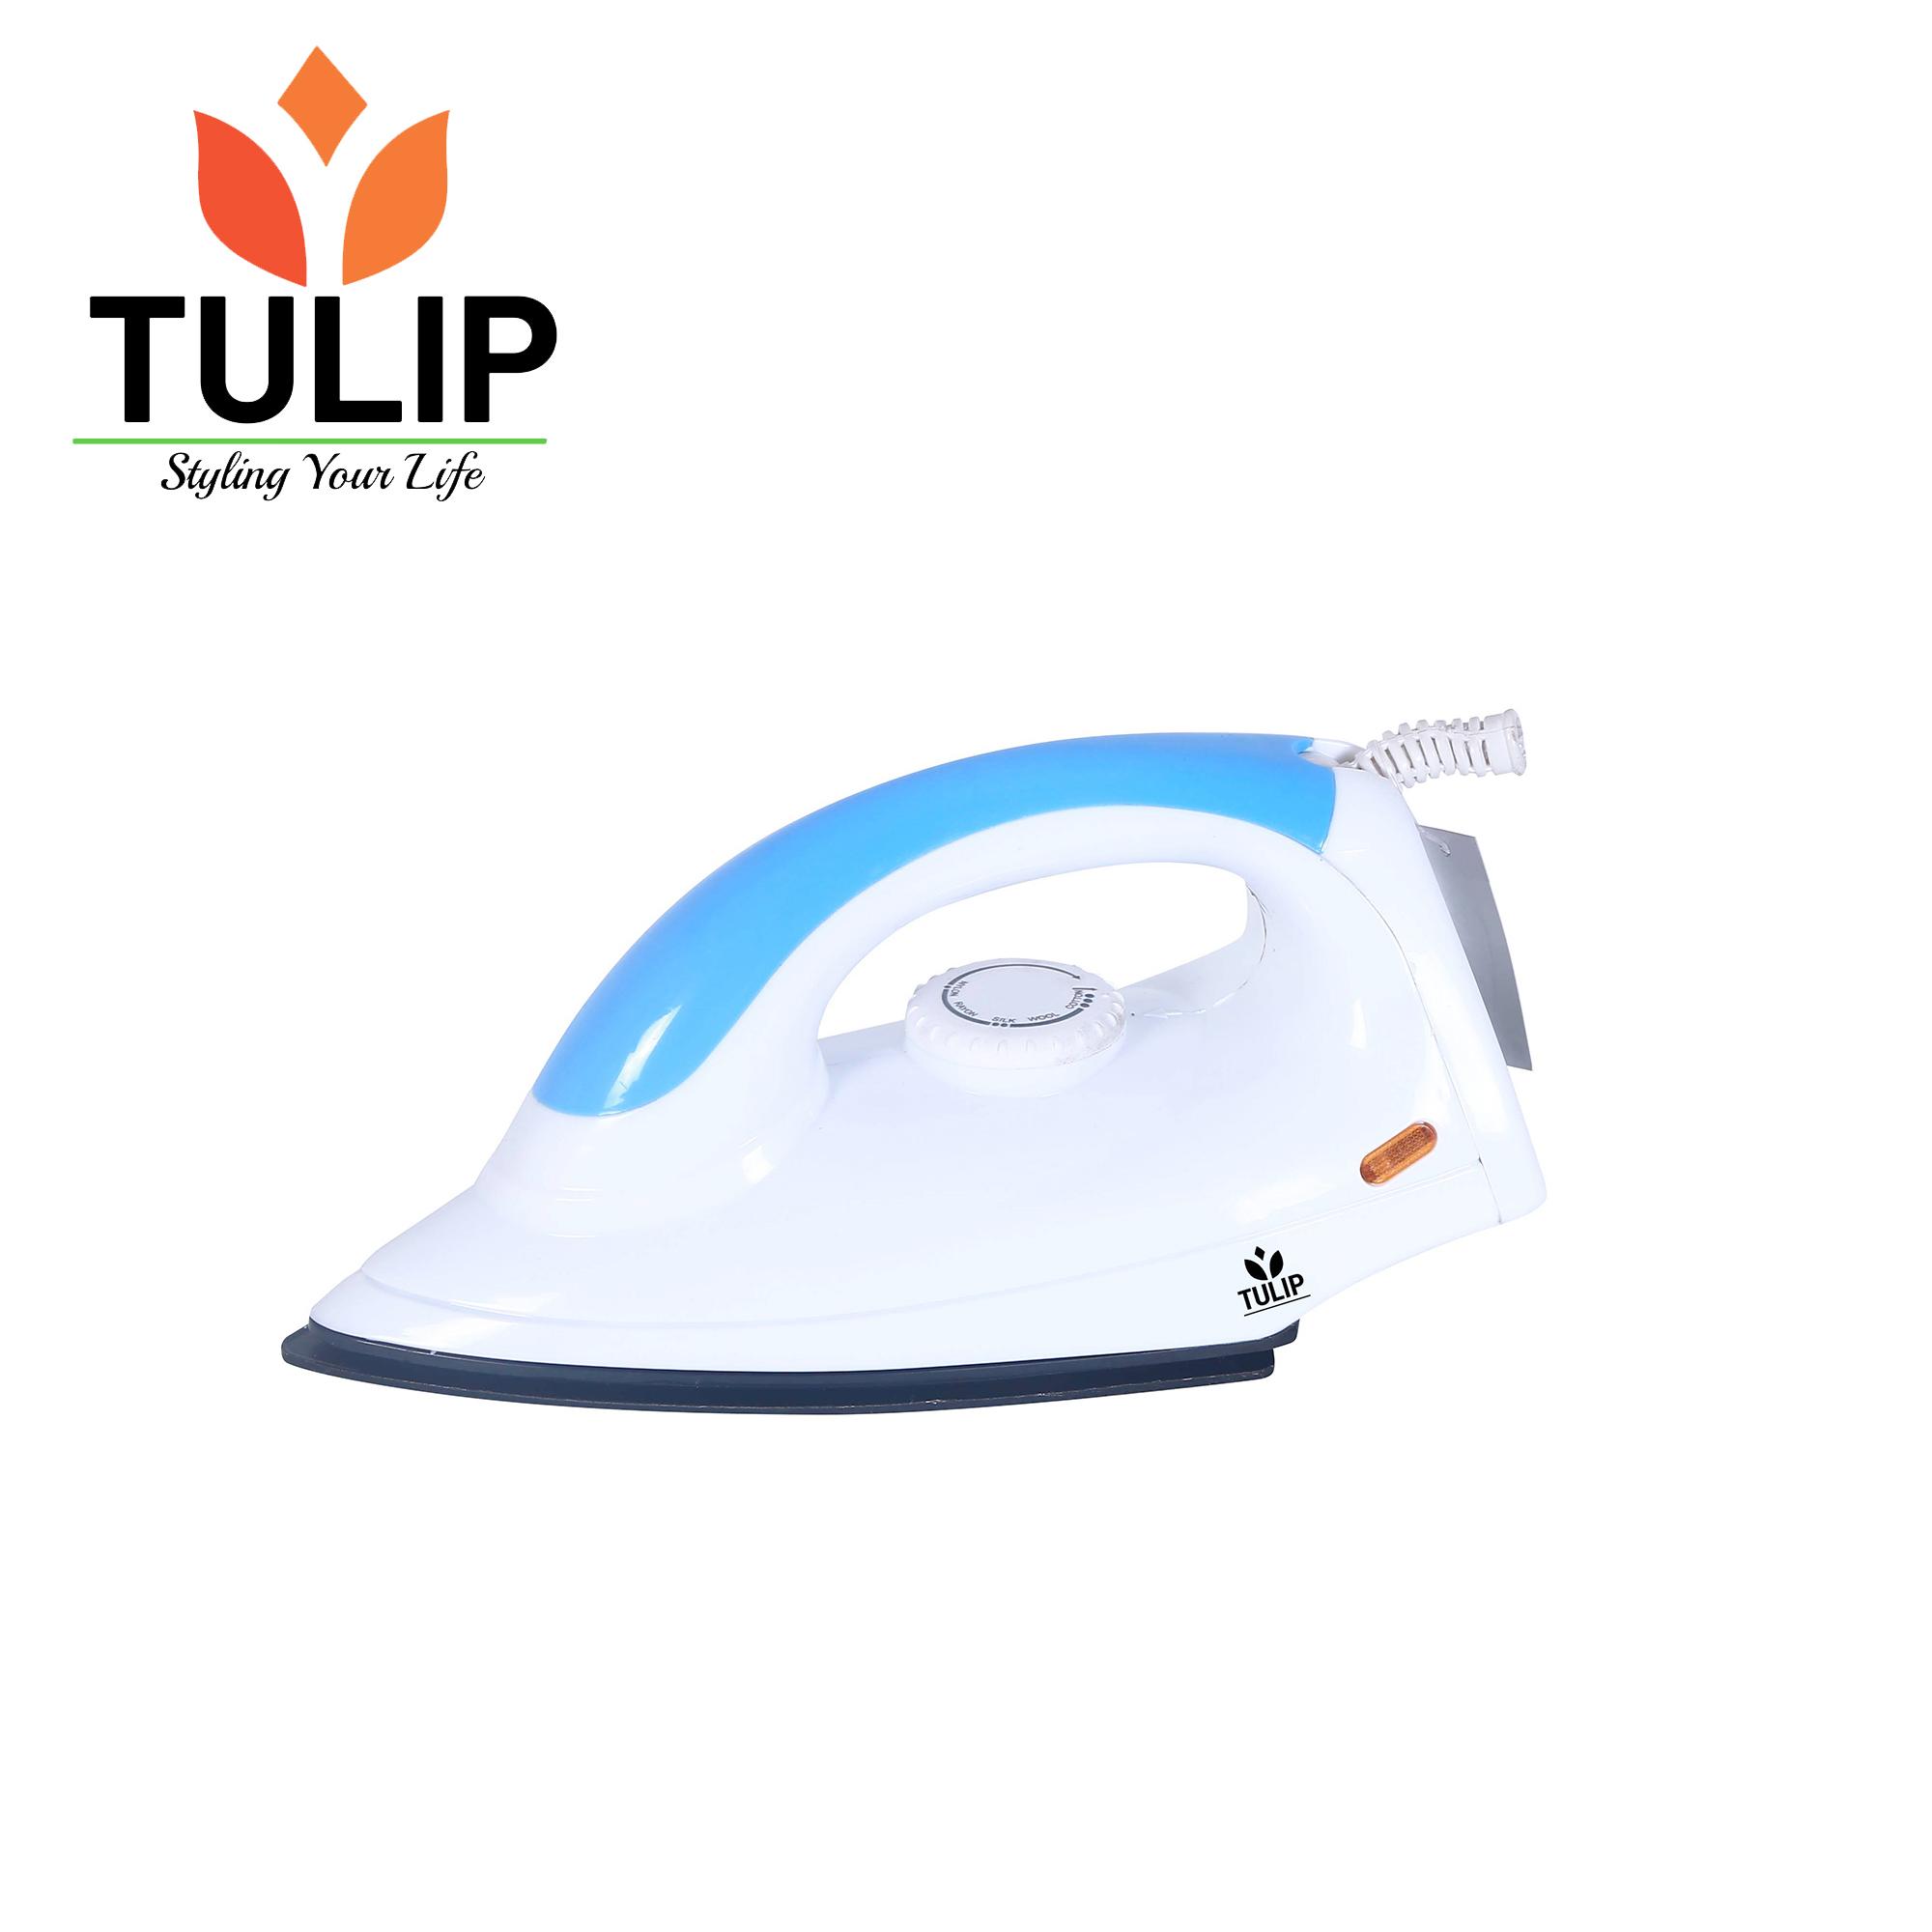 Tulip Dry Iron VIVO